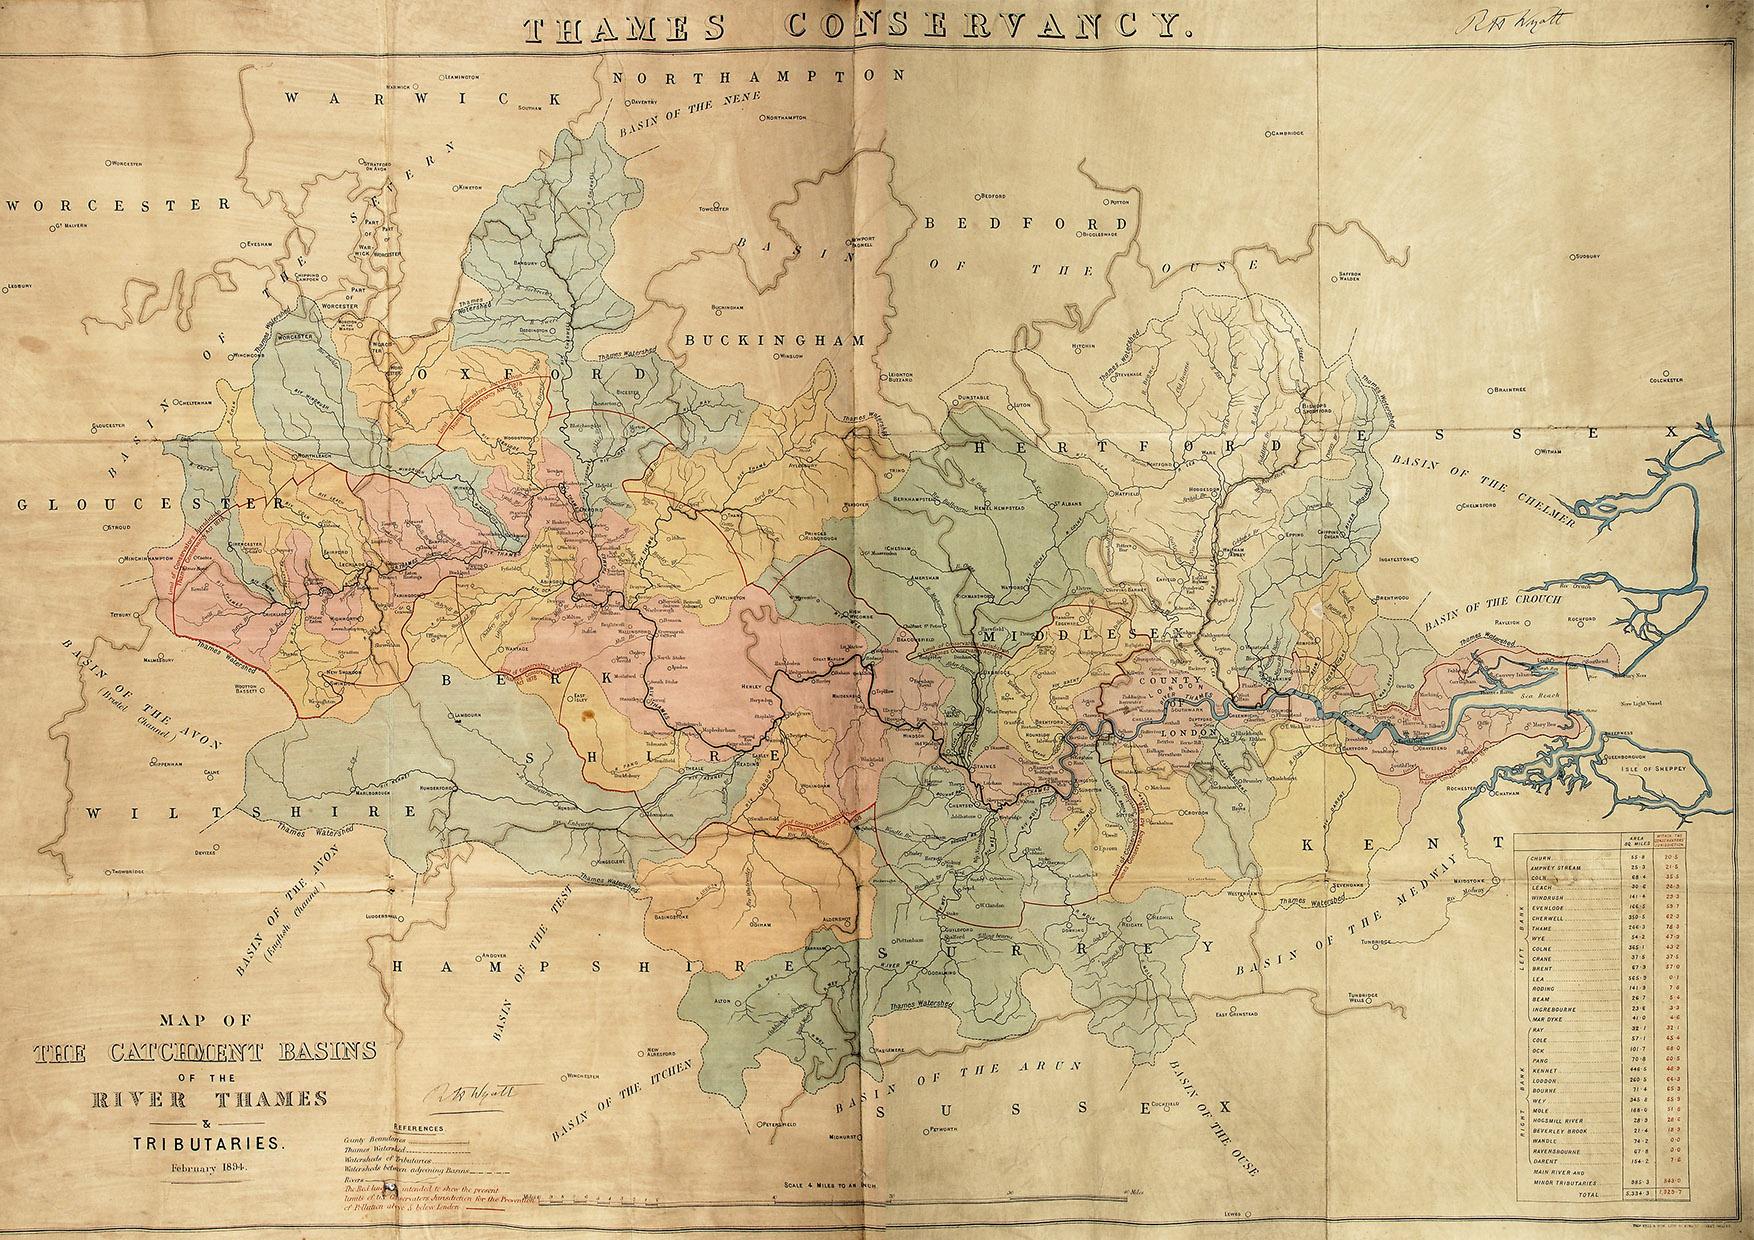 carte des affluents de la tamise